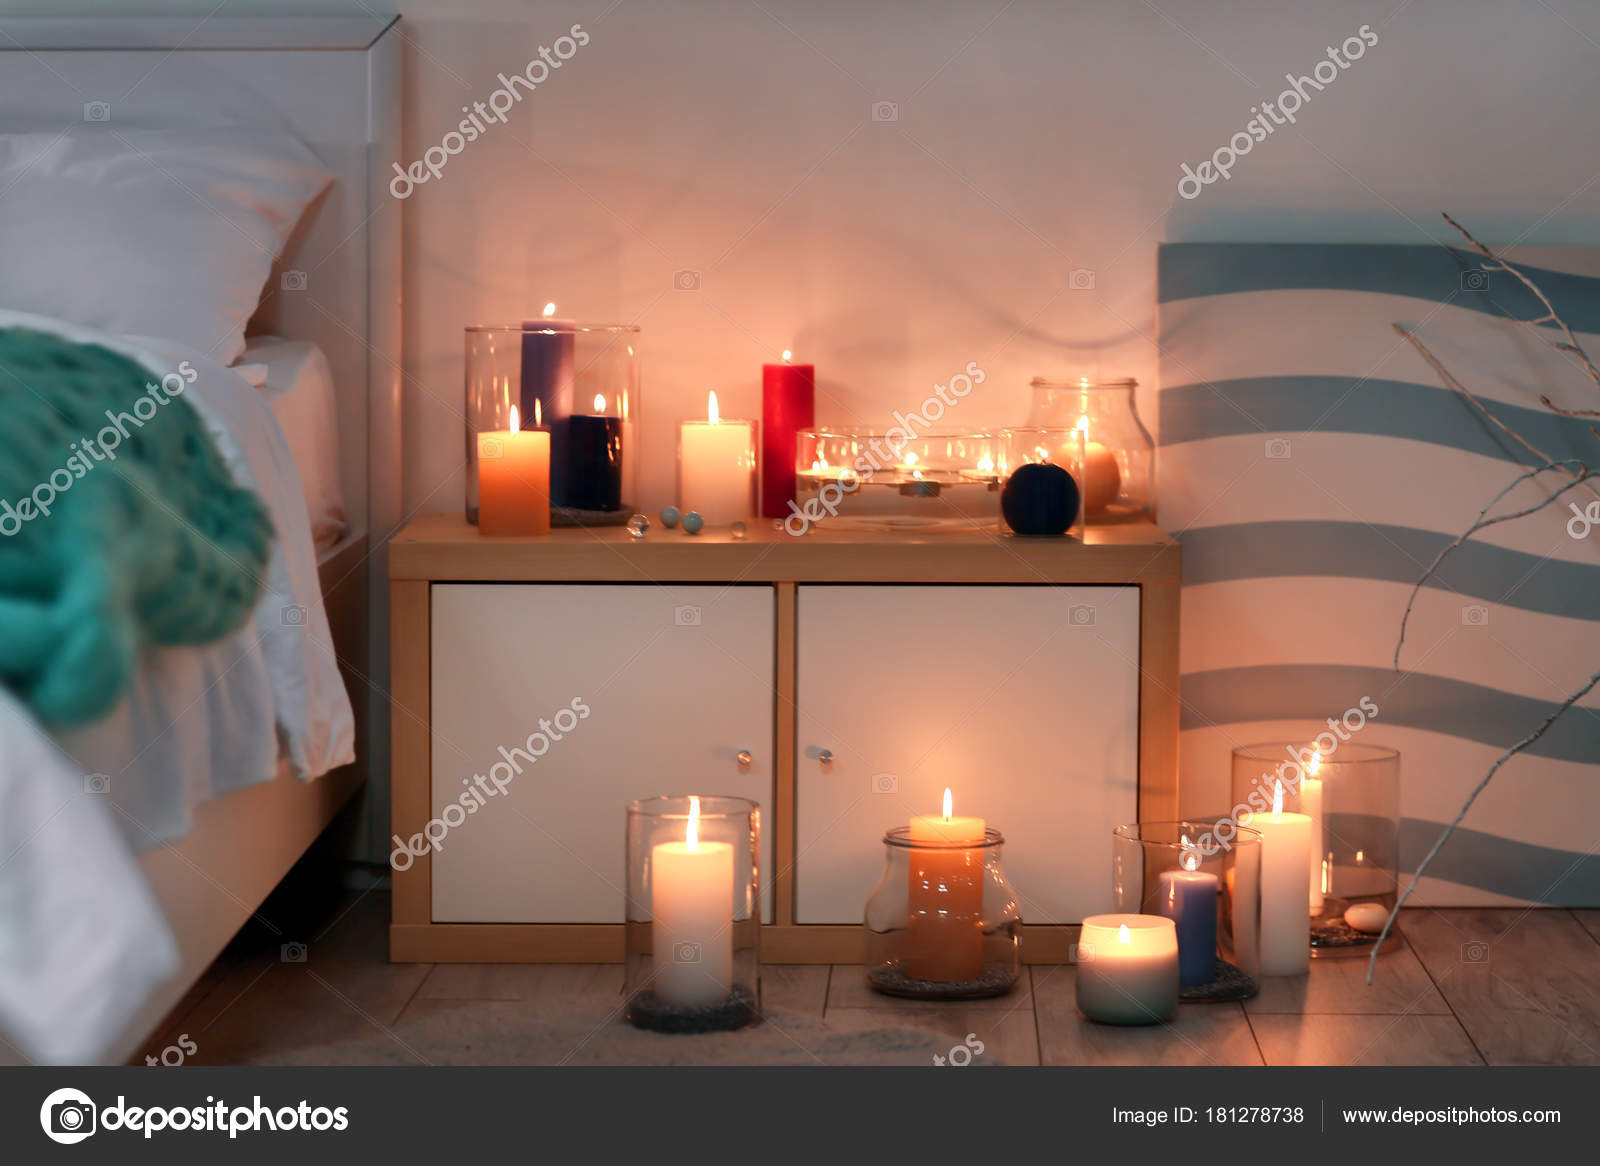 Camera Da Letto Romantica Con Candele : Accogliente camera letto decorata con candele accese u foto stock